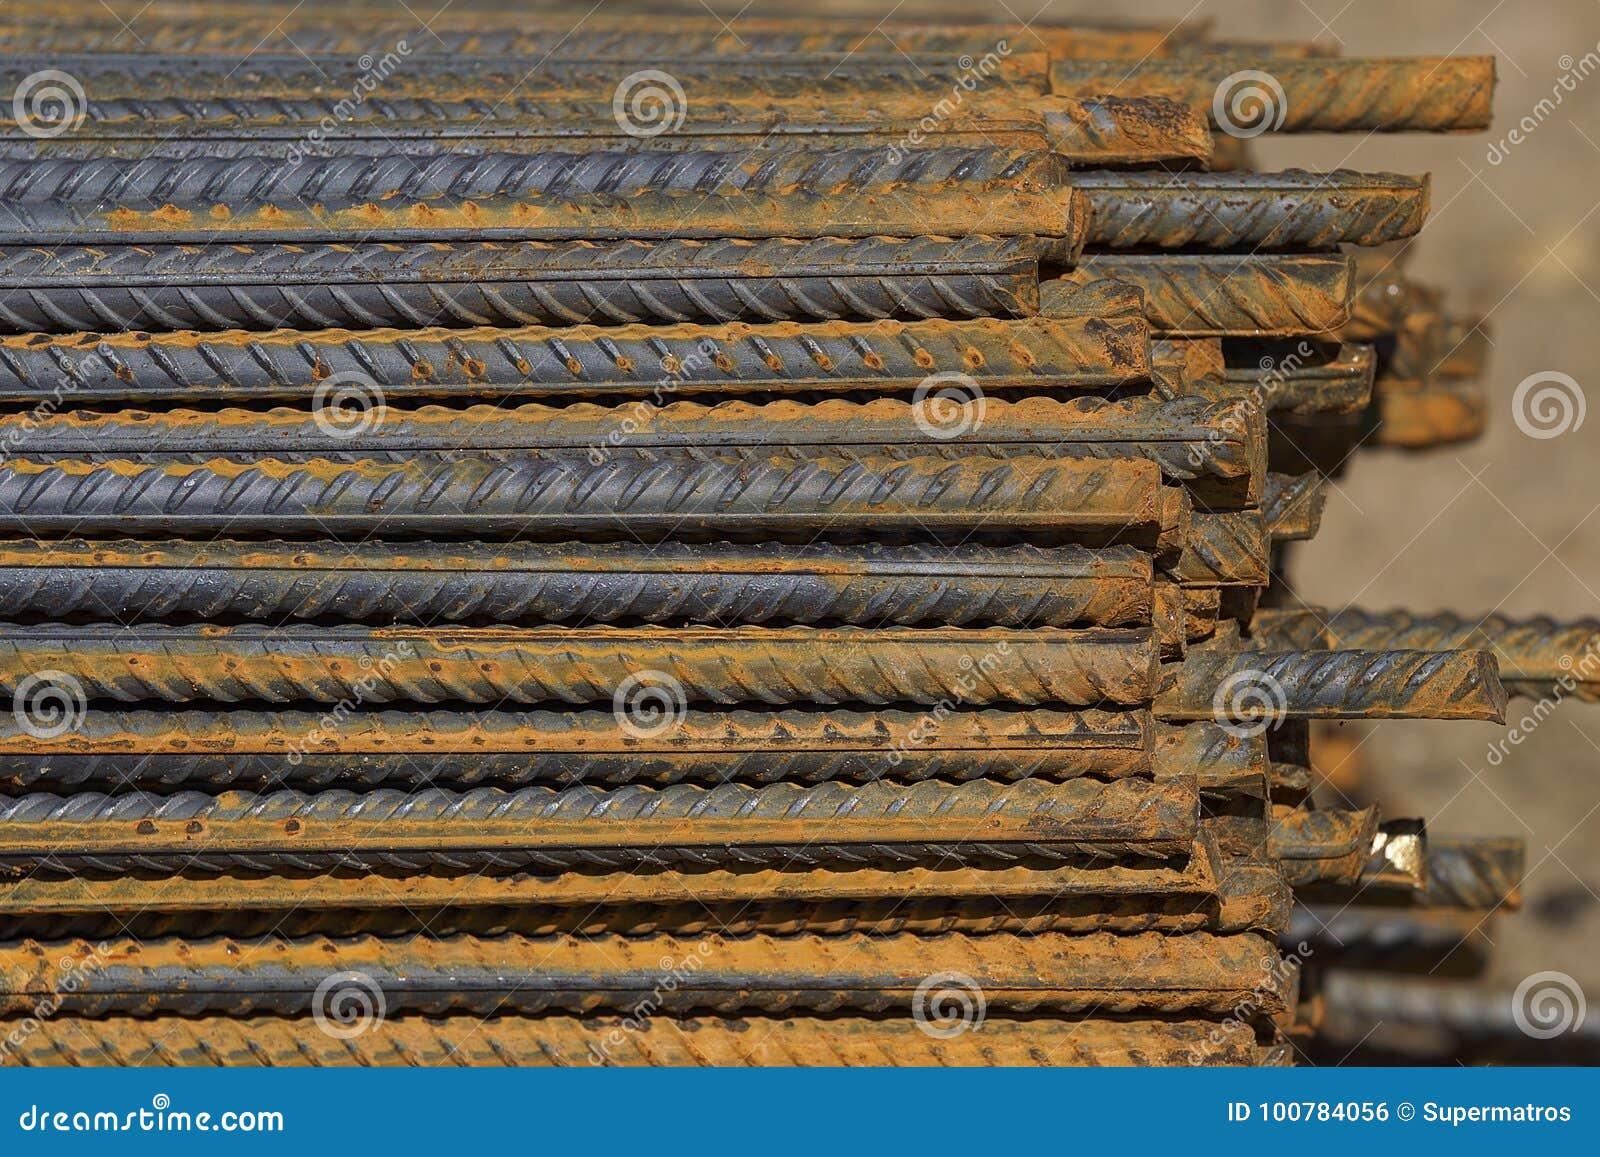 与周期性外形的配筋在组装在金属制品仓库被存放